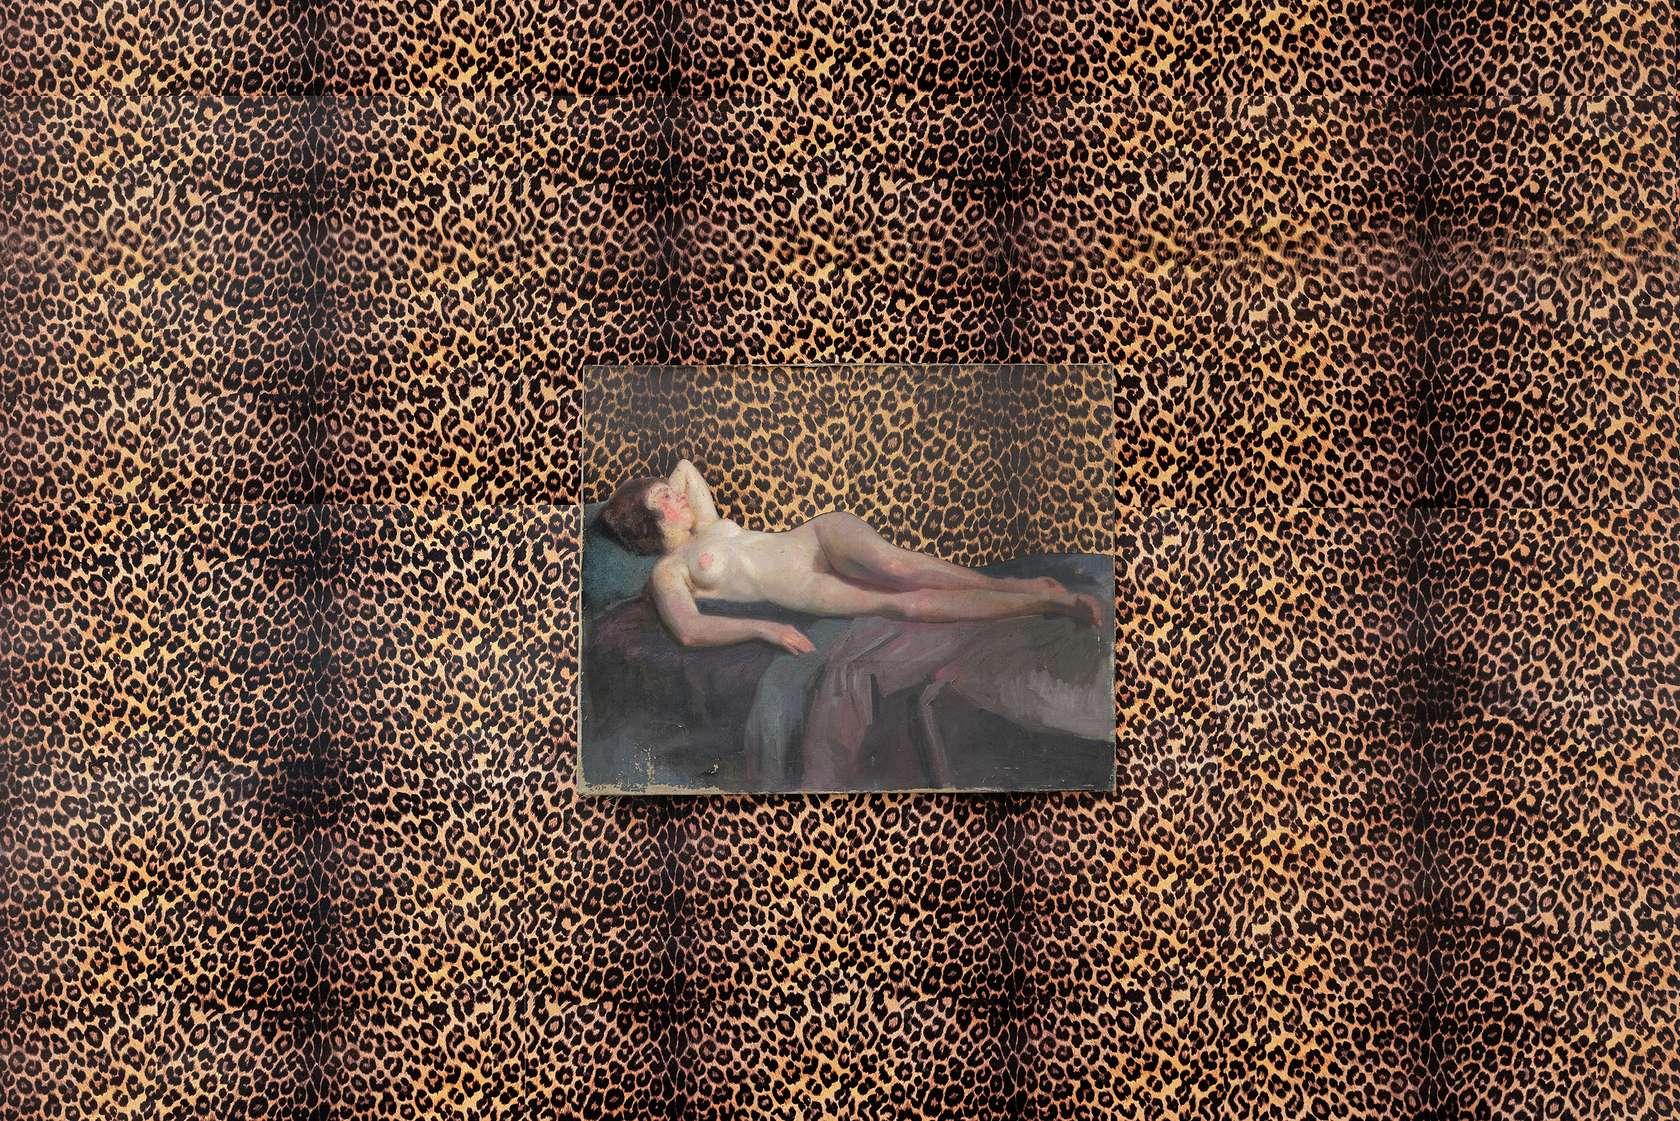 Présence Panchounette, Paradigme d'Olympia, 1984 Collage sur tableau et papier peint64.5 x 80 cm / 25 3/8 x 31 1/2 inches